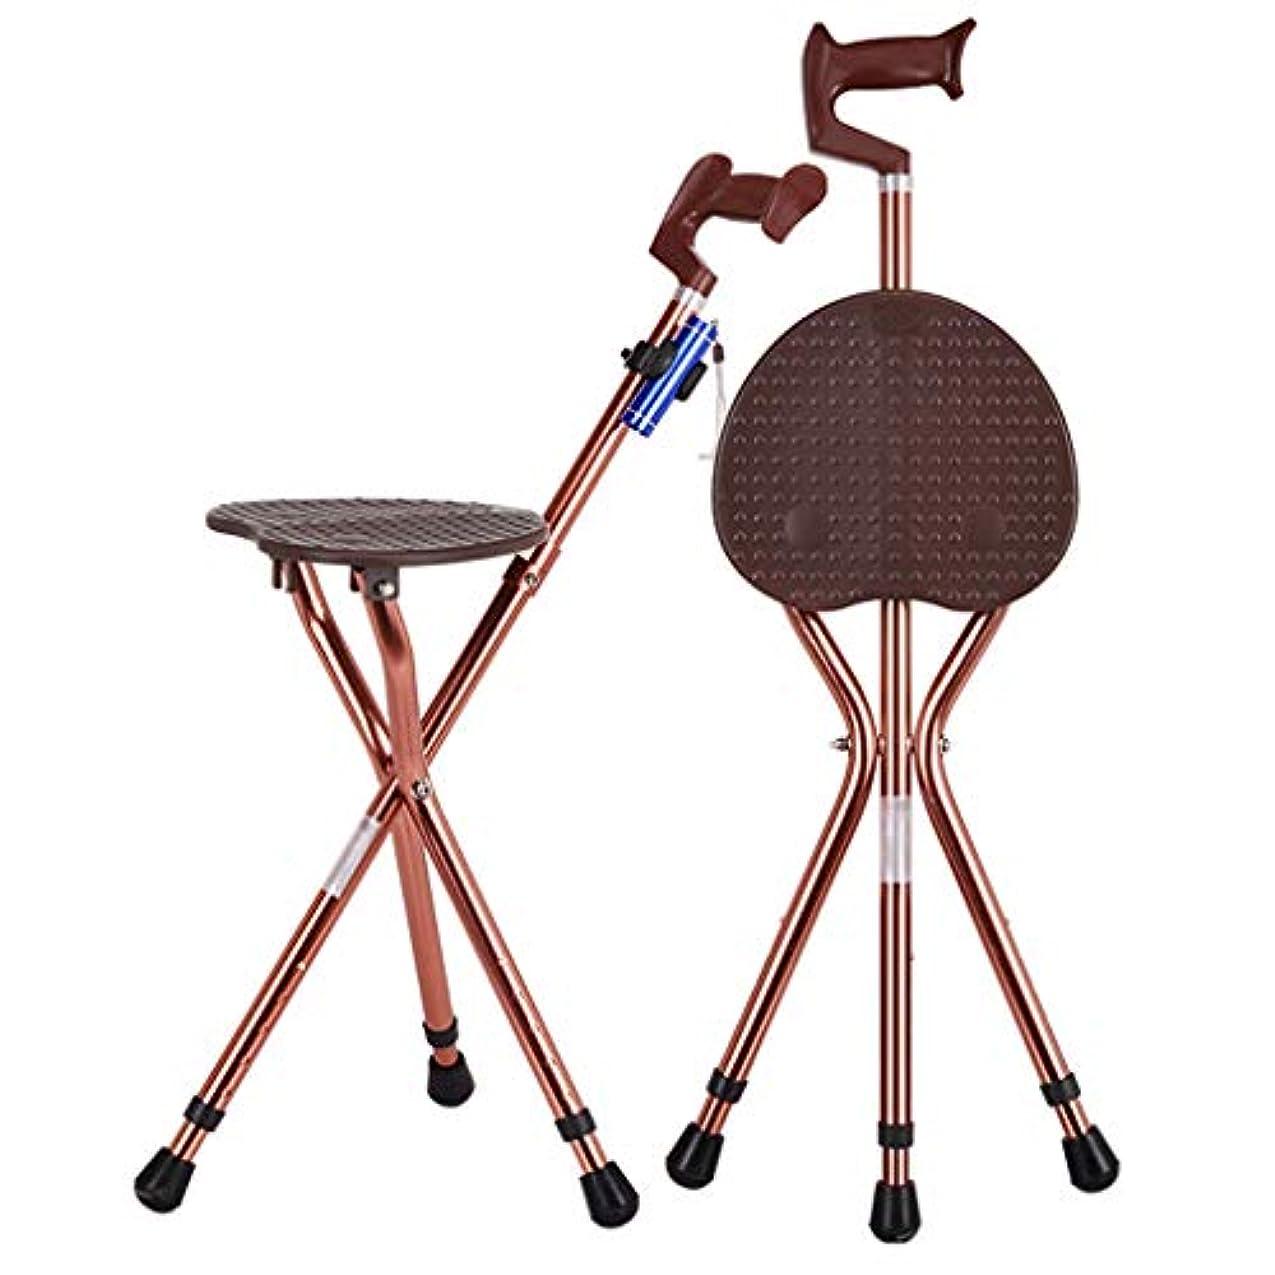 スチュワーデス恩赦敵対的ウォーキングスティック折りたたみ式-LEDライト付き杖シート-三脚ピボットベースウォーキングスティック-父の母の贈り物1pcs,Coffeecolor